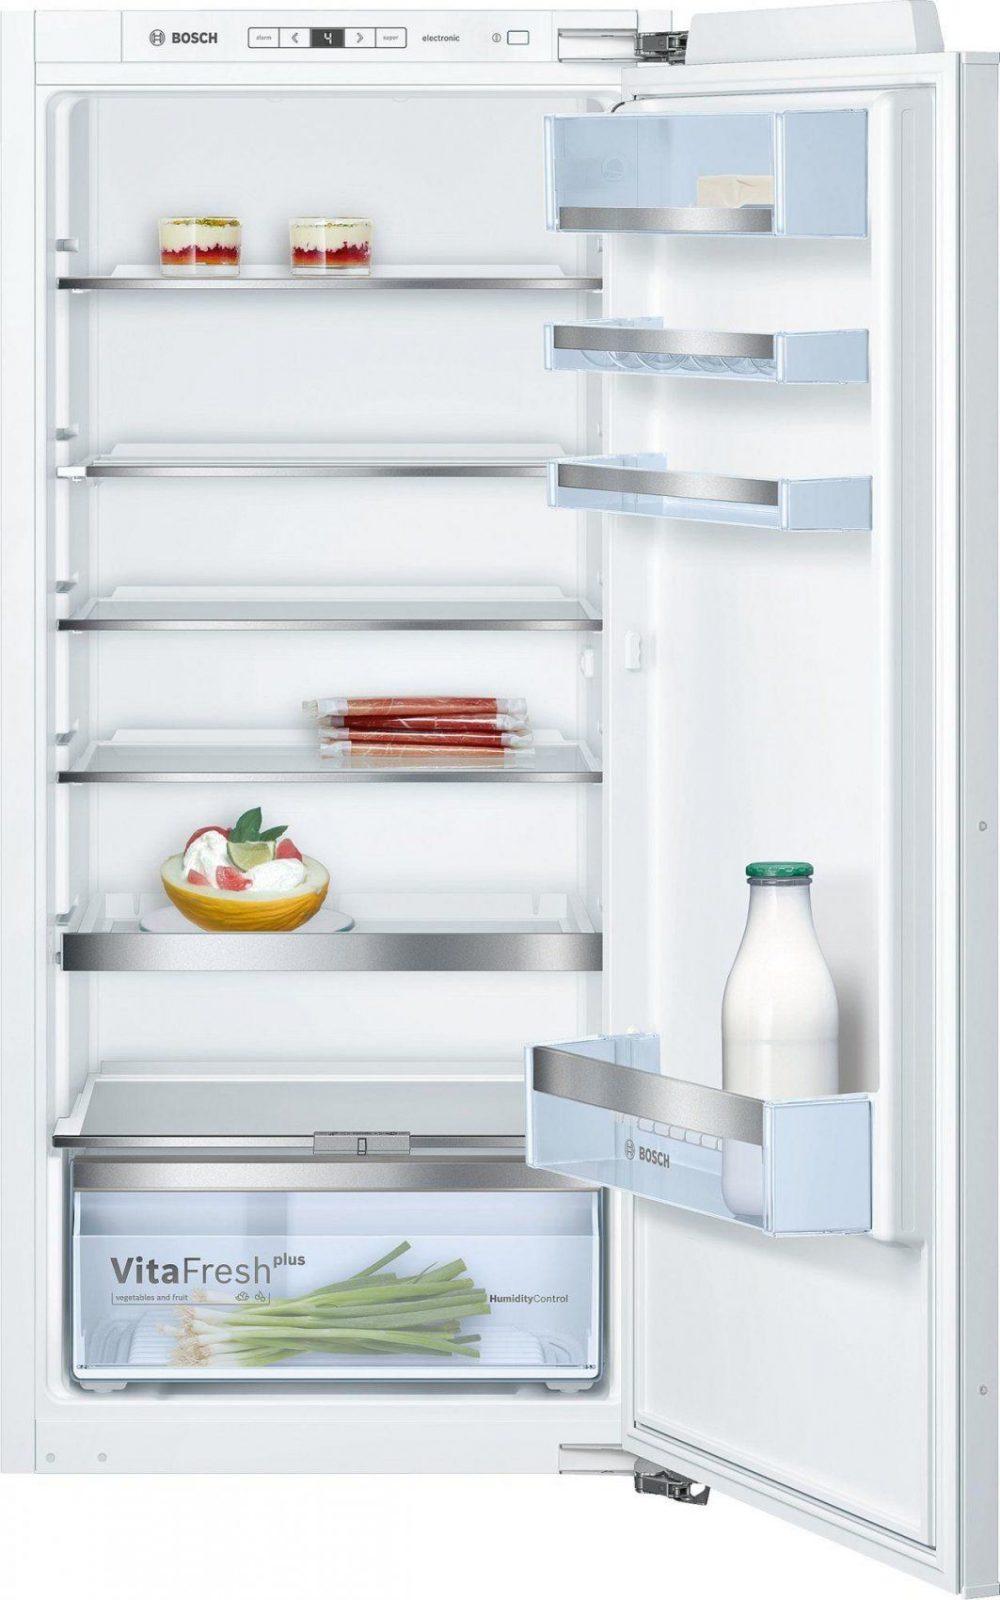 Bosch Kir41Af30 A++ Integrierbarer Kühlschrank Weiß 558 Cm Breit von Kühlschrank 100 Cm Breit Photo